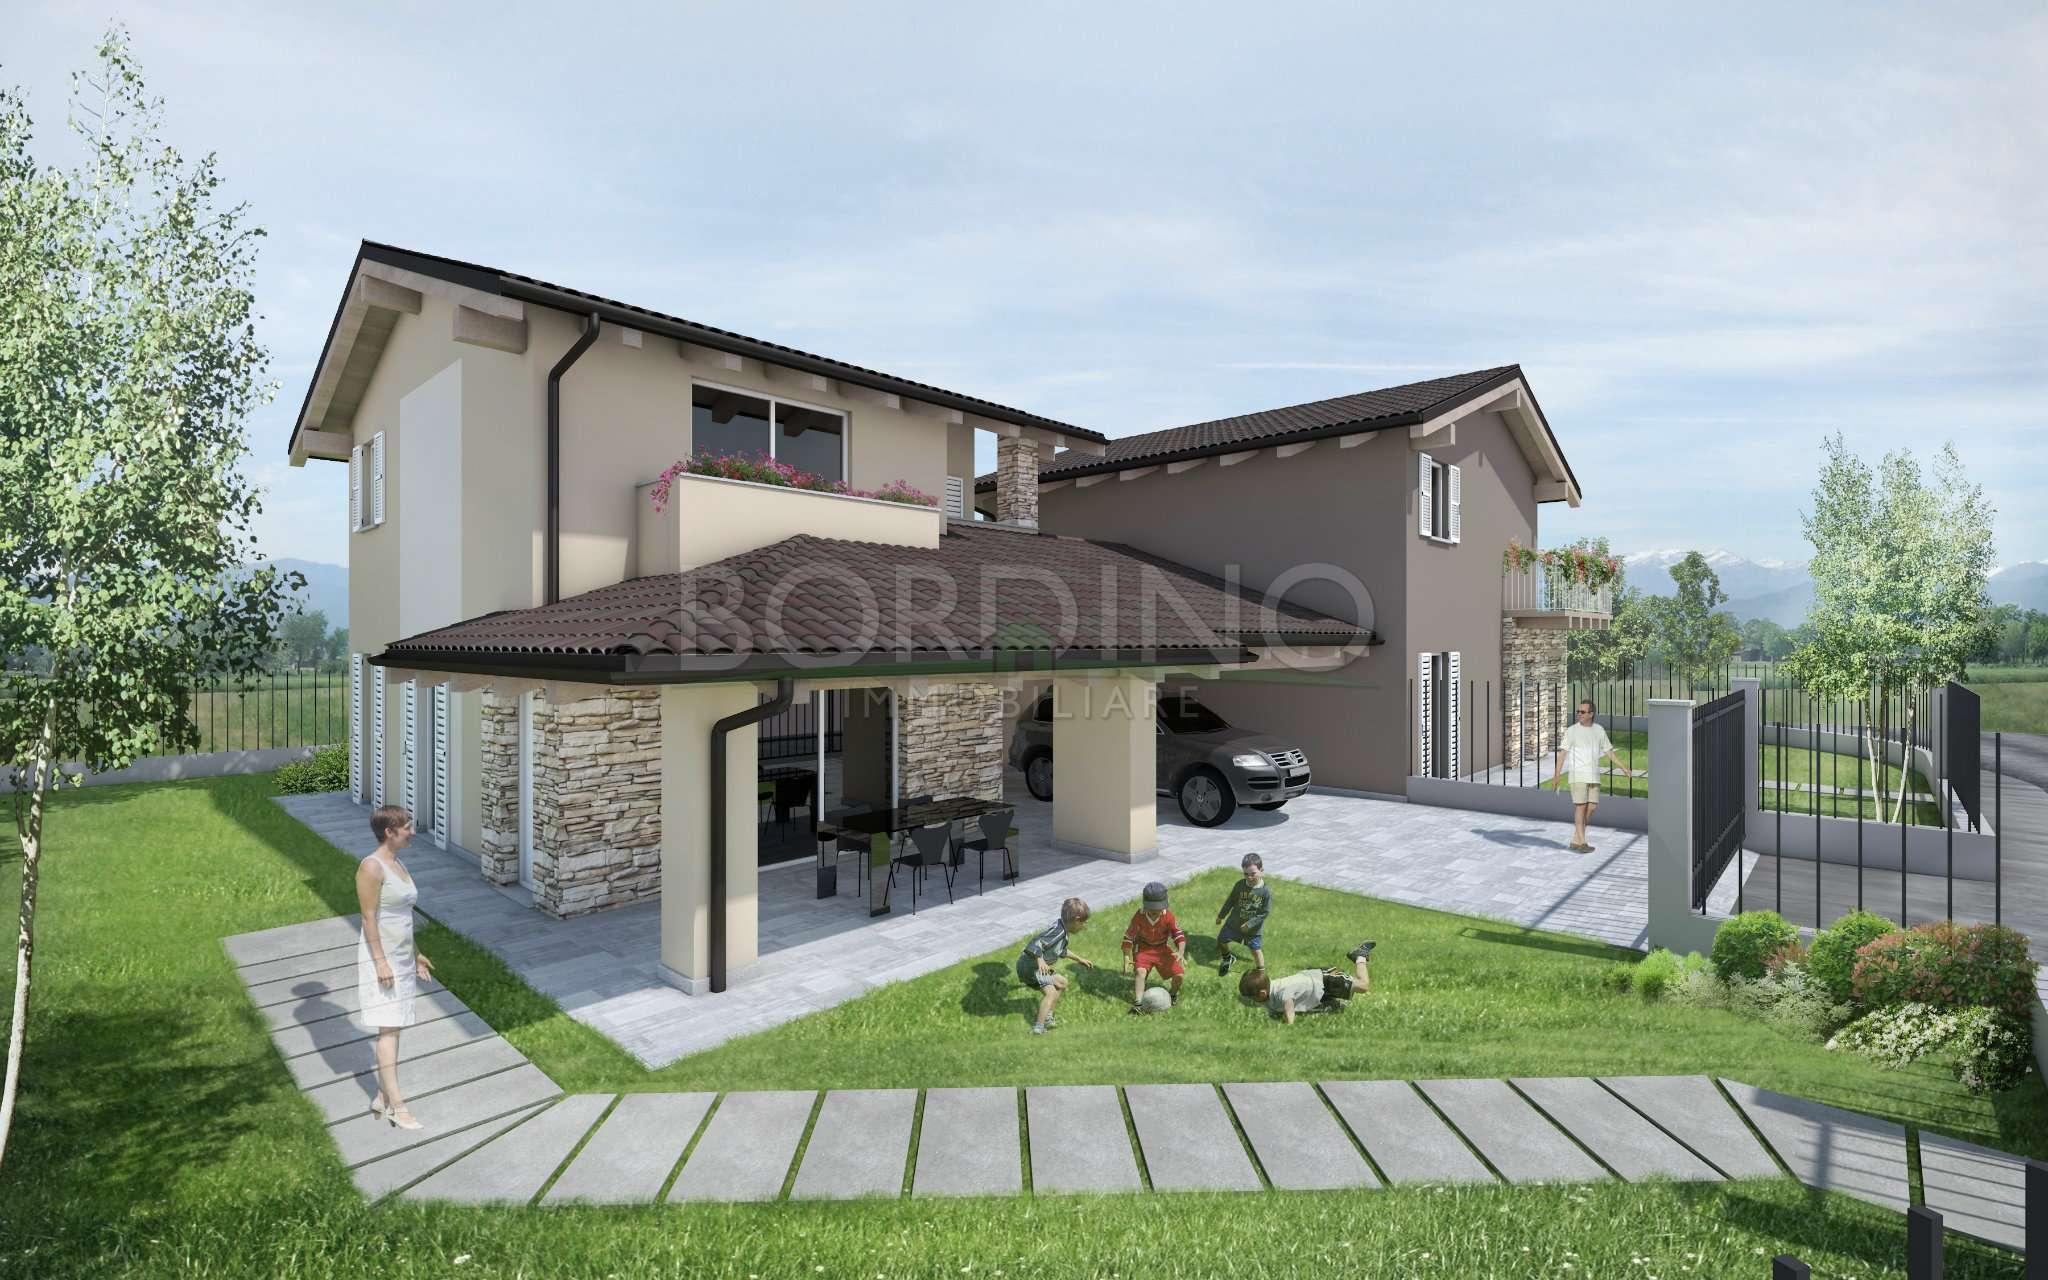 Villa Bifamiliare in vendita a Neive, 9999 locali, prezzo € 125.000   PortaleAgenzieImmobiliari.it